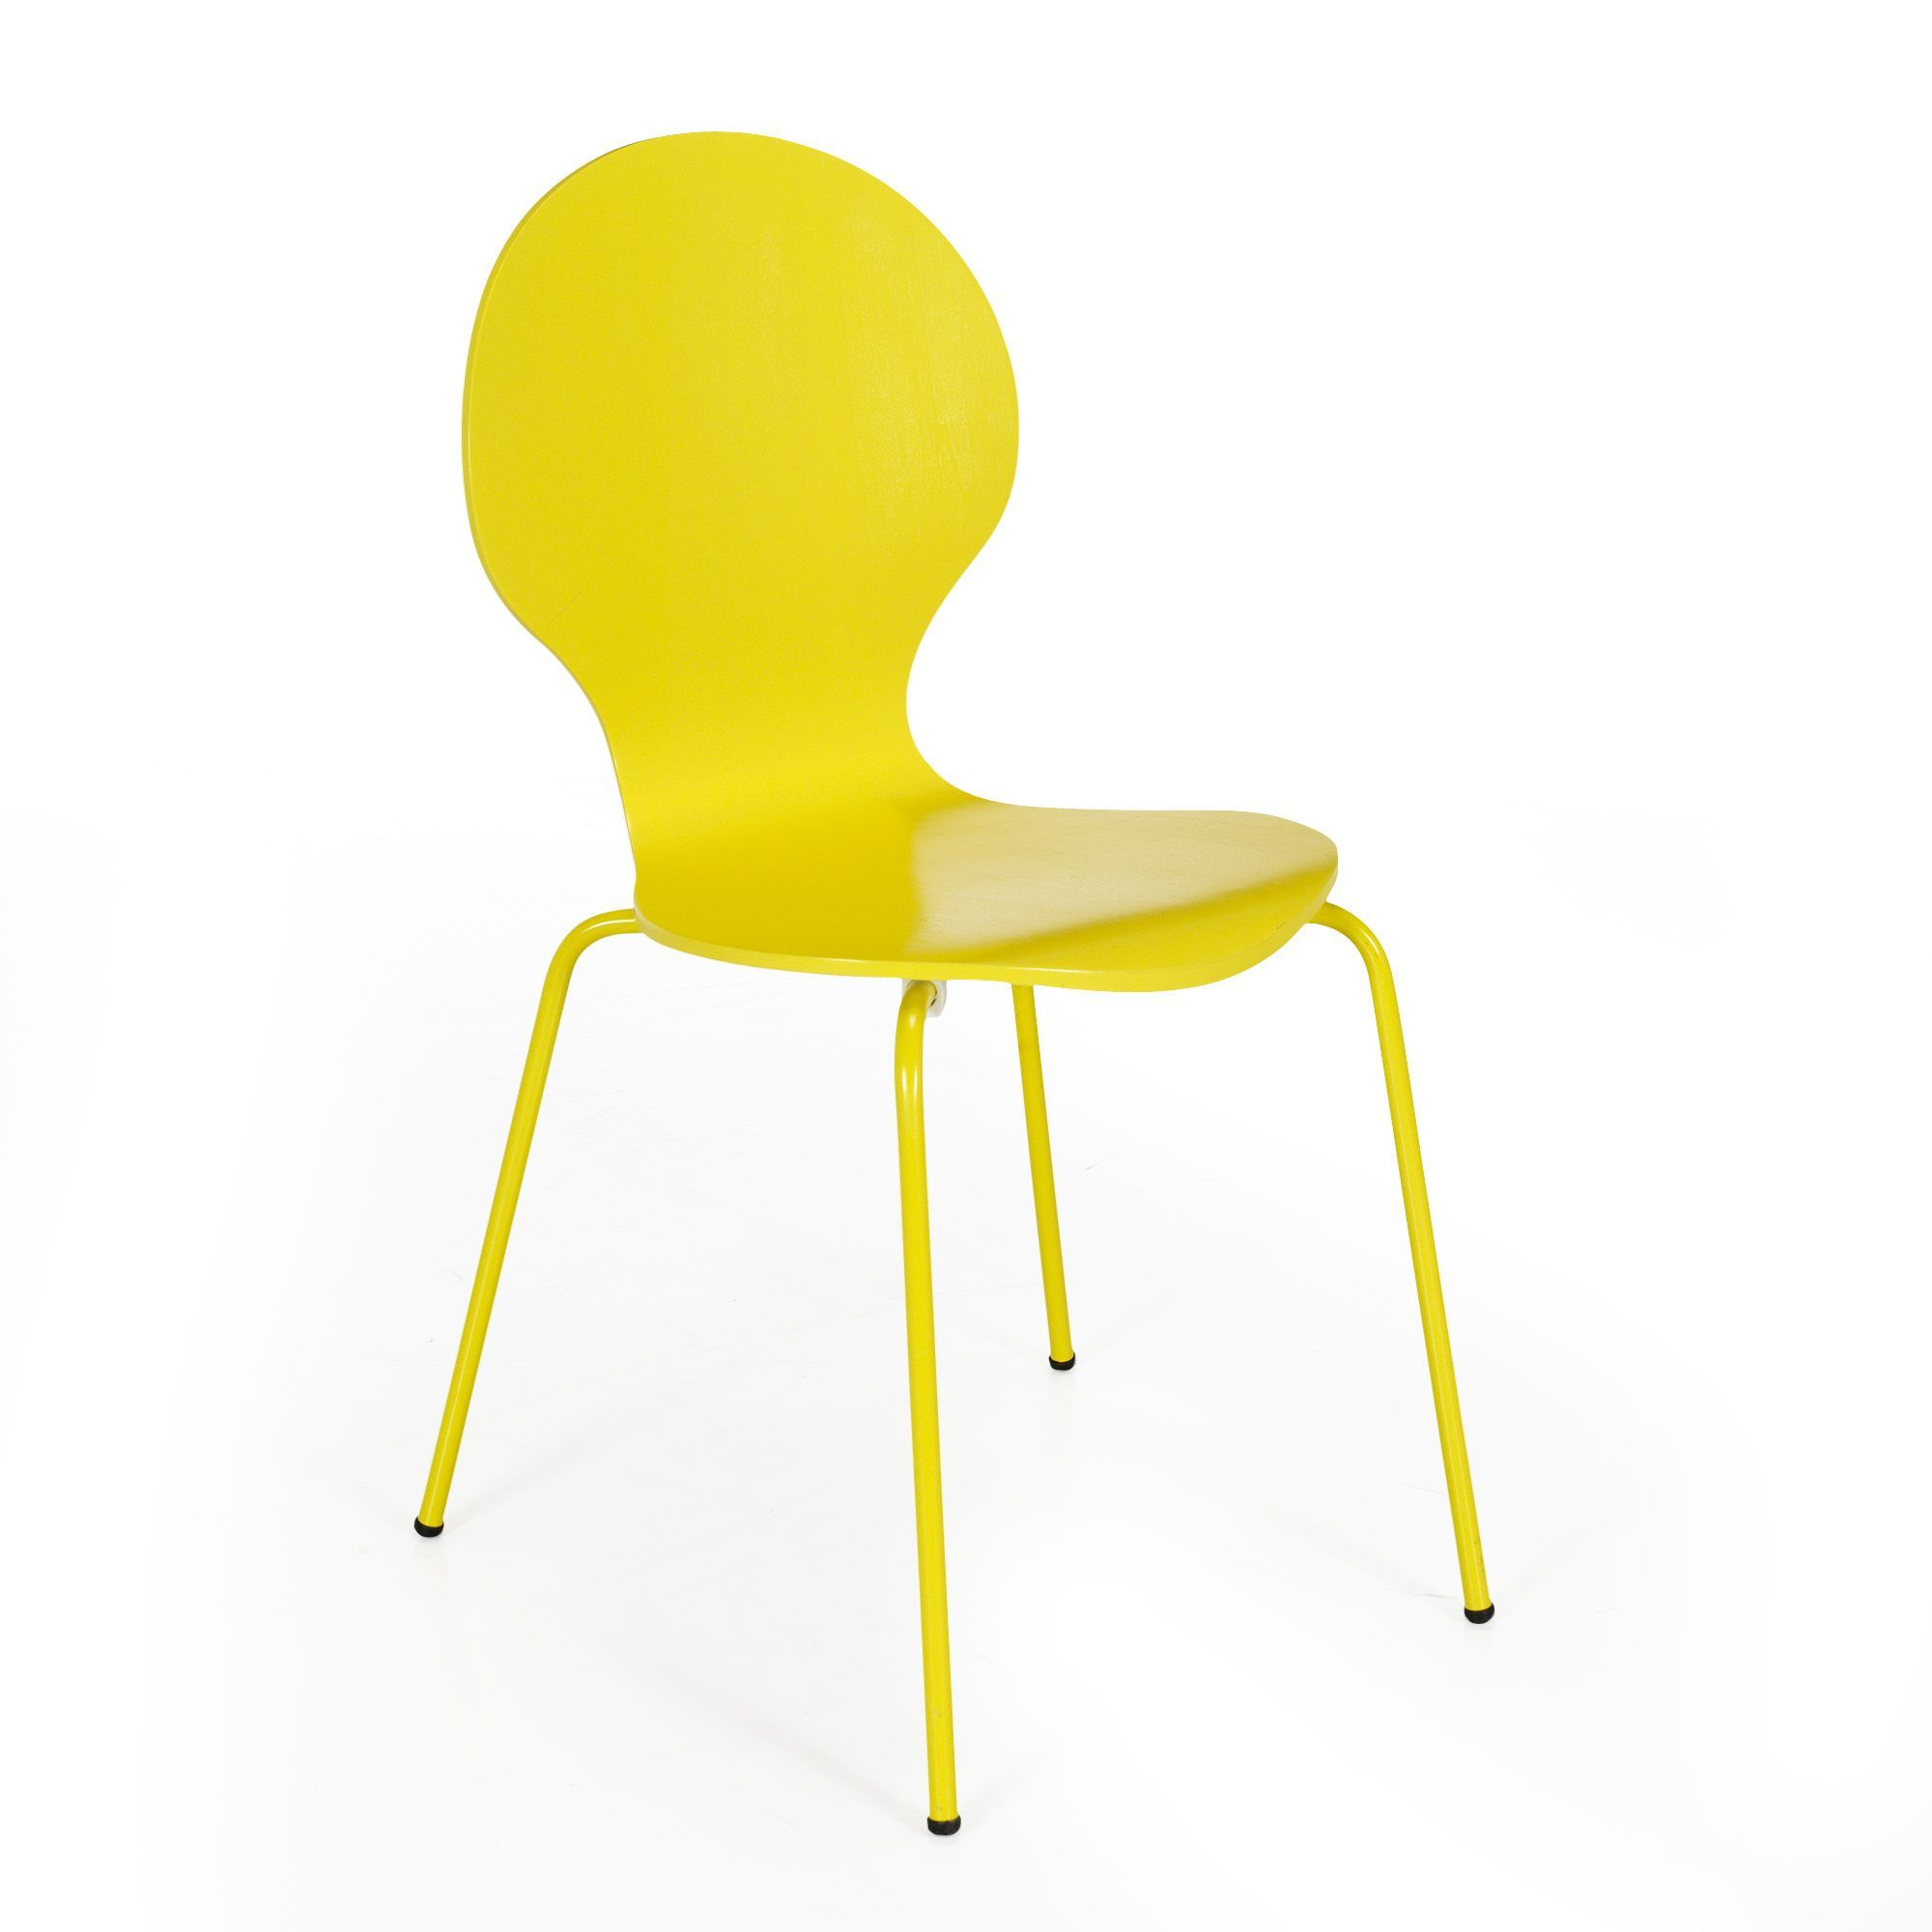 Chaise jaune rétro Jaune - Maddy - Alinéa 29.95€ | Chaises ...